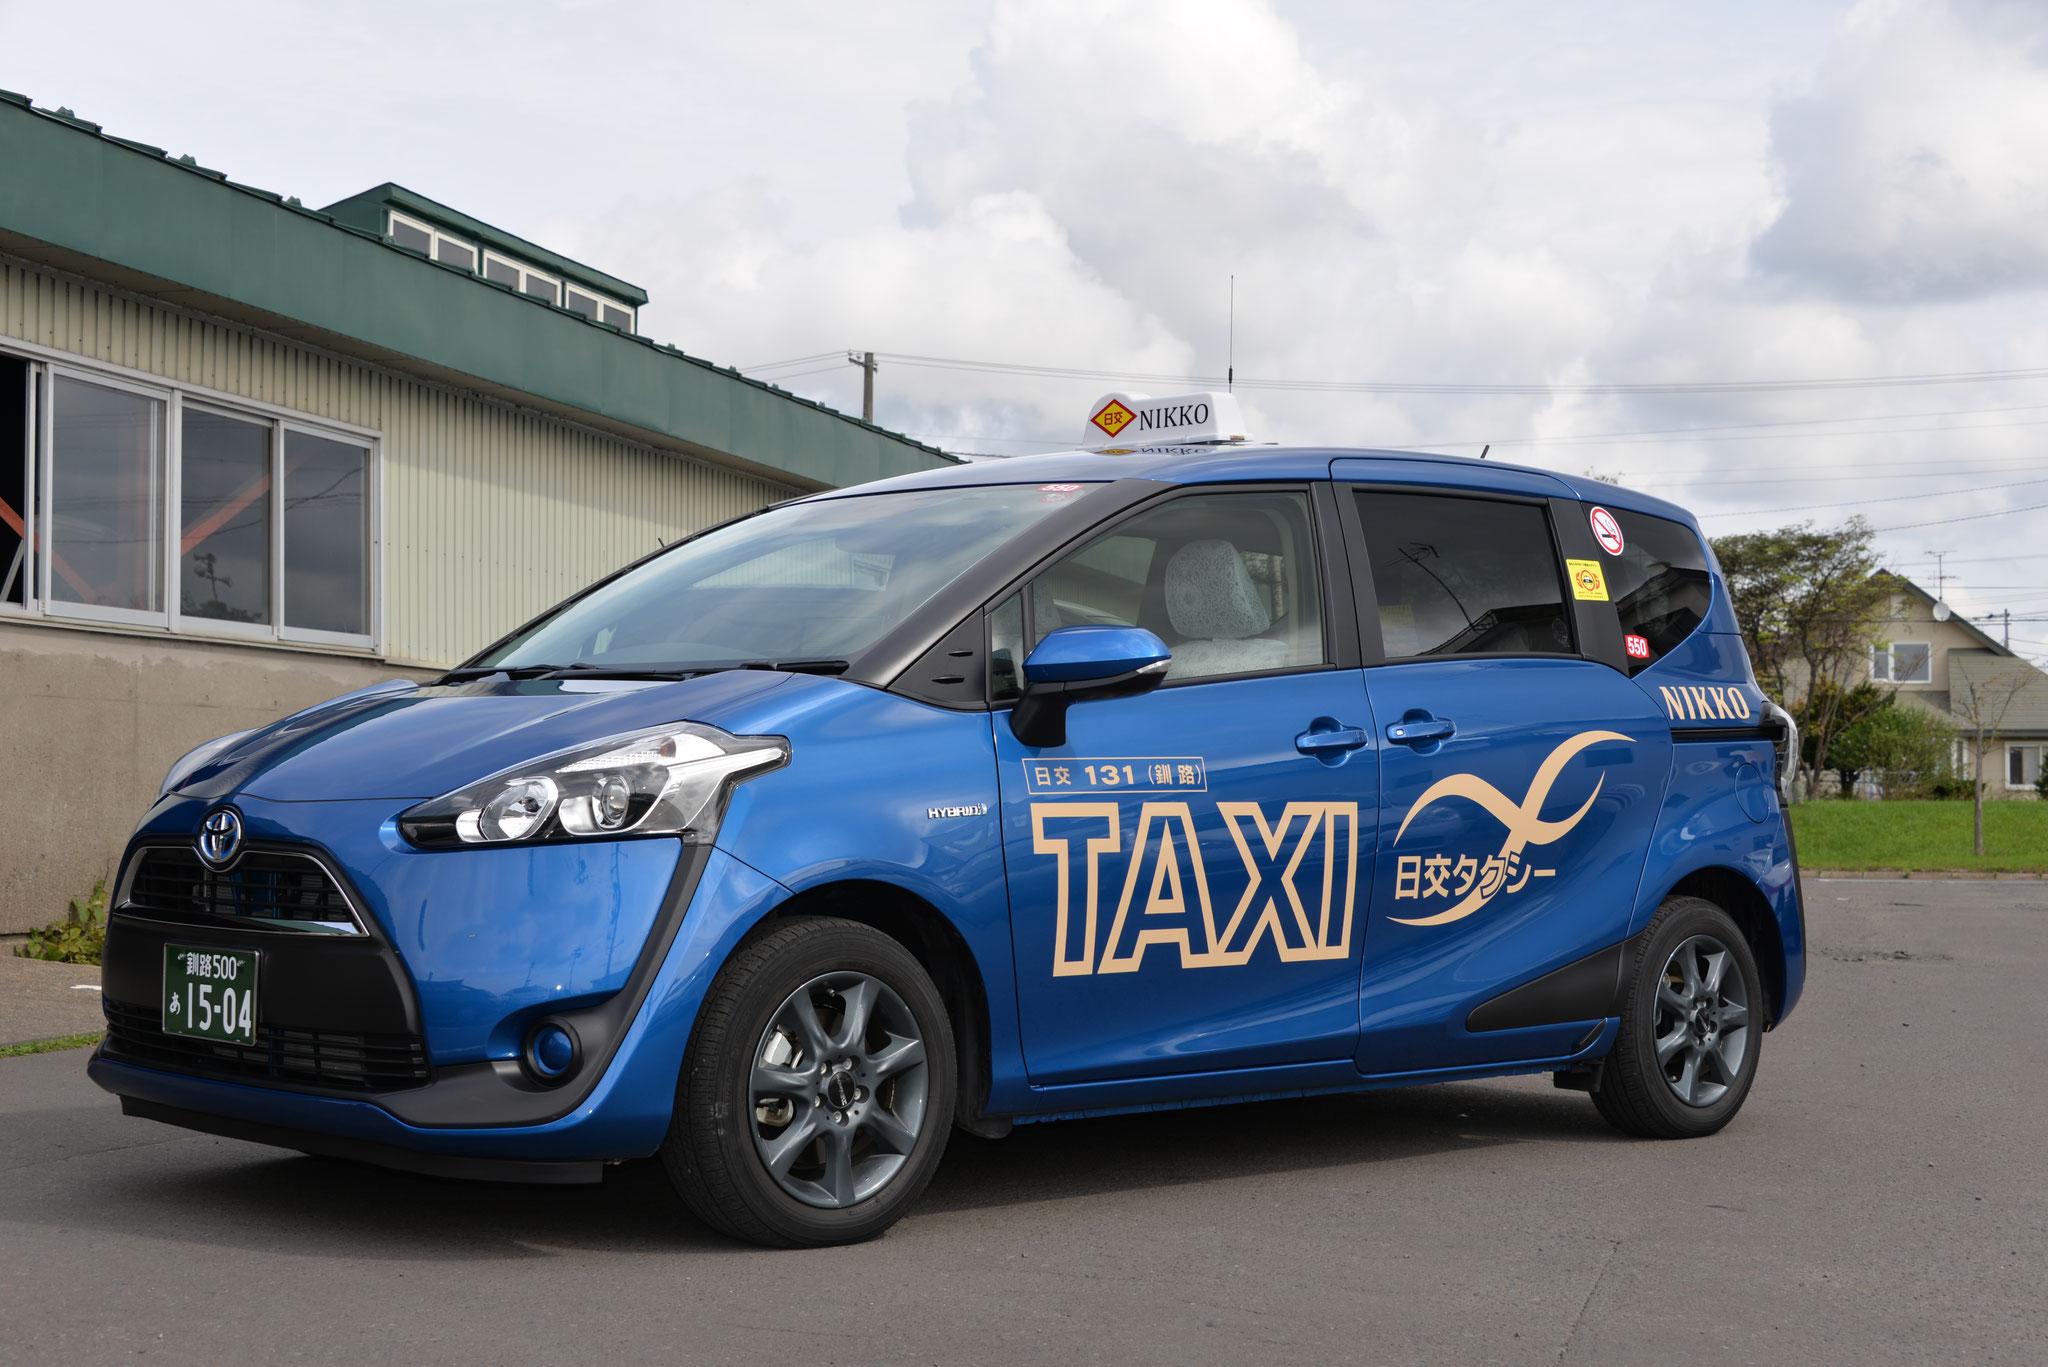 普通車タクシー トヨタ シエンタ ハイブリットタクシー